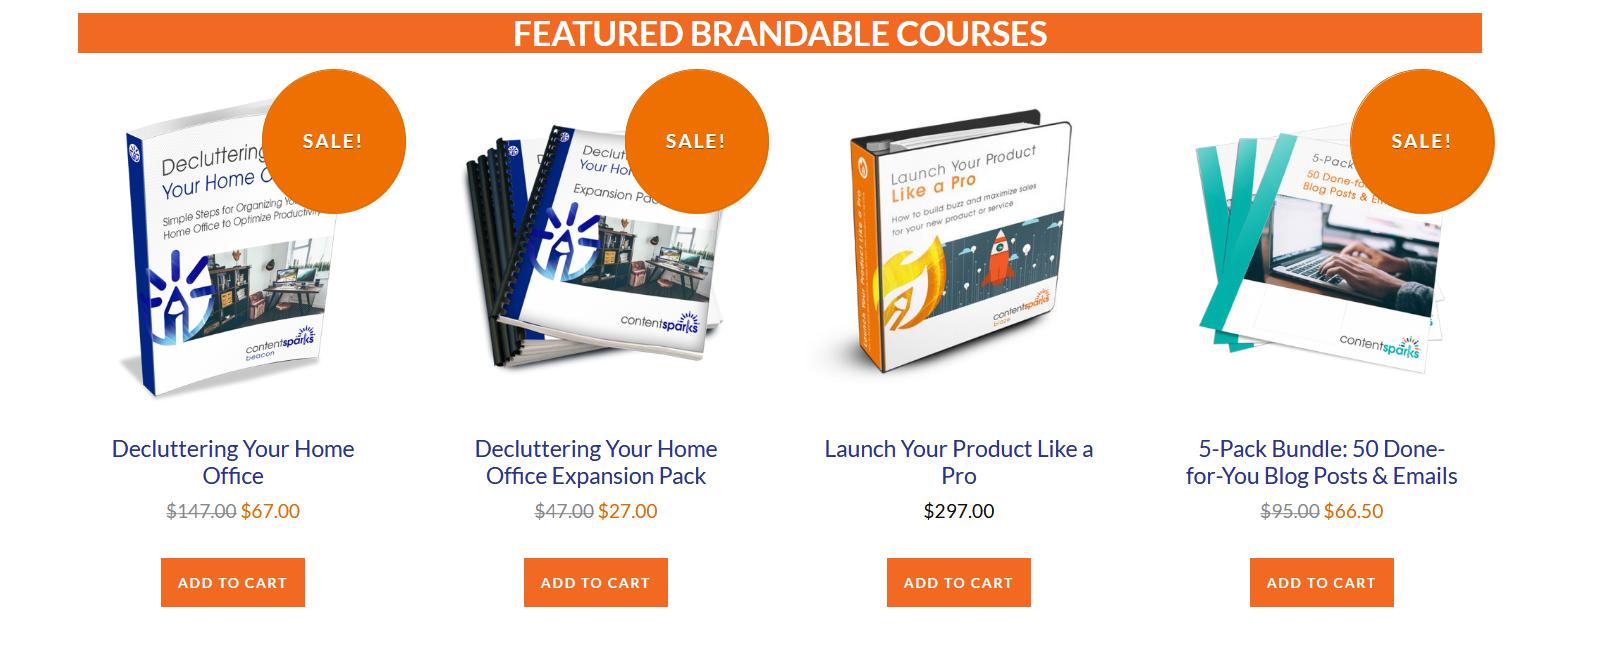 Content Sparks Brandable Courses